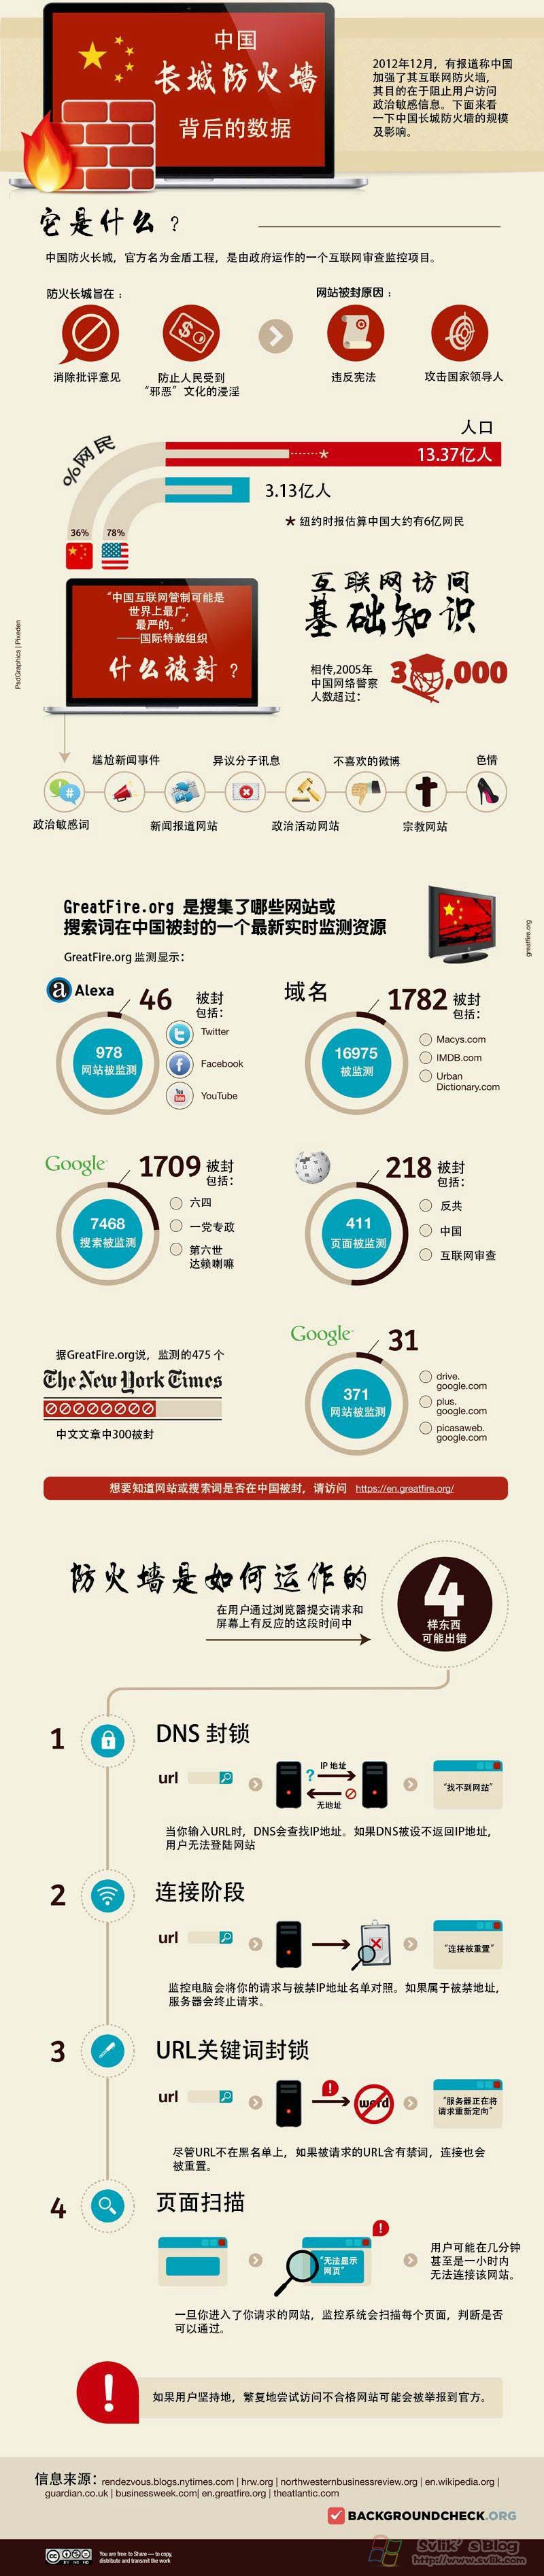 一张图看懂中国长城防火墙背后的数据